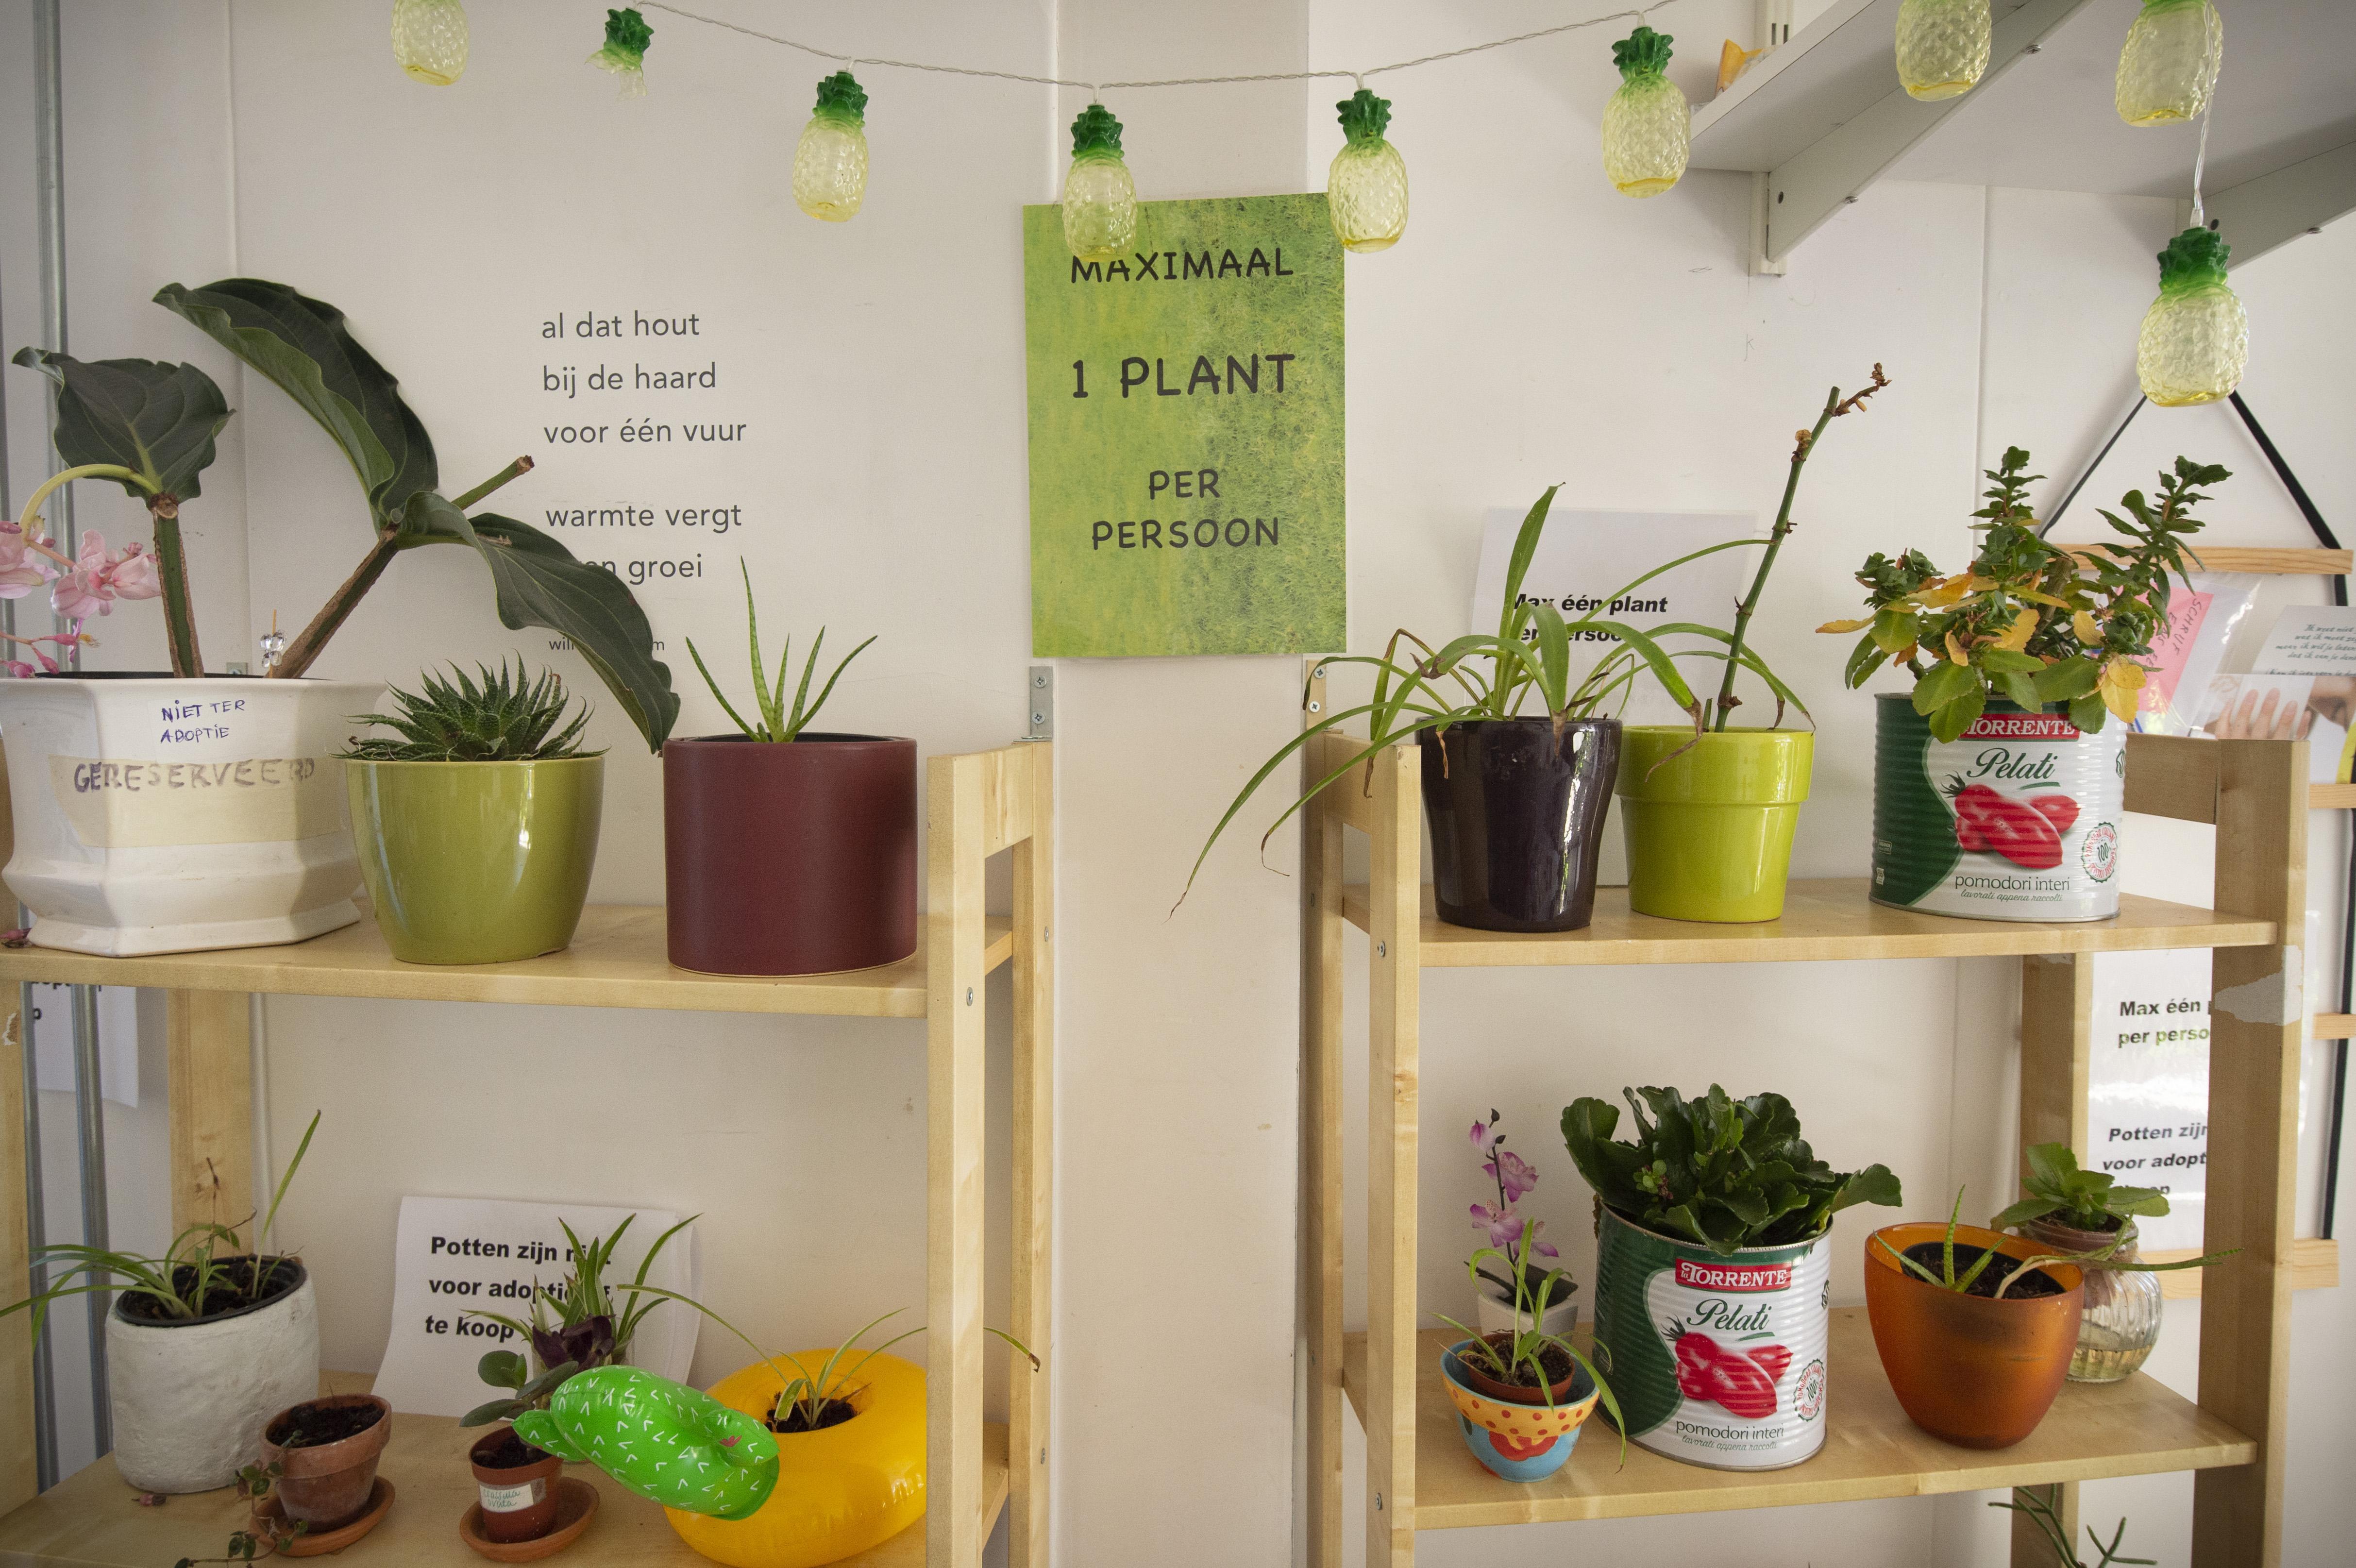 Plantenasiel Leiden voorziet in een behoefte. 'Een plant maakt van je huis een thuis in deze coronatijd'